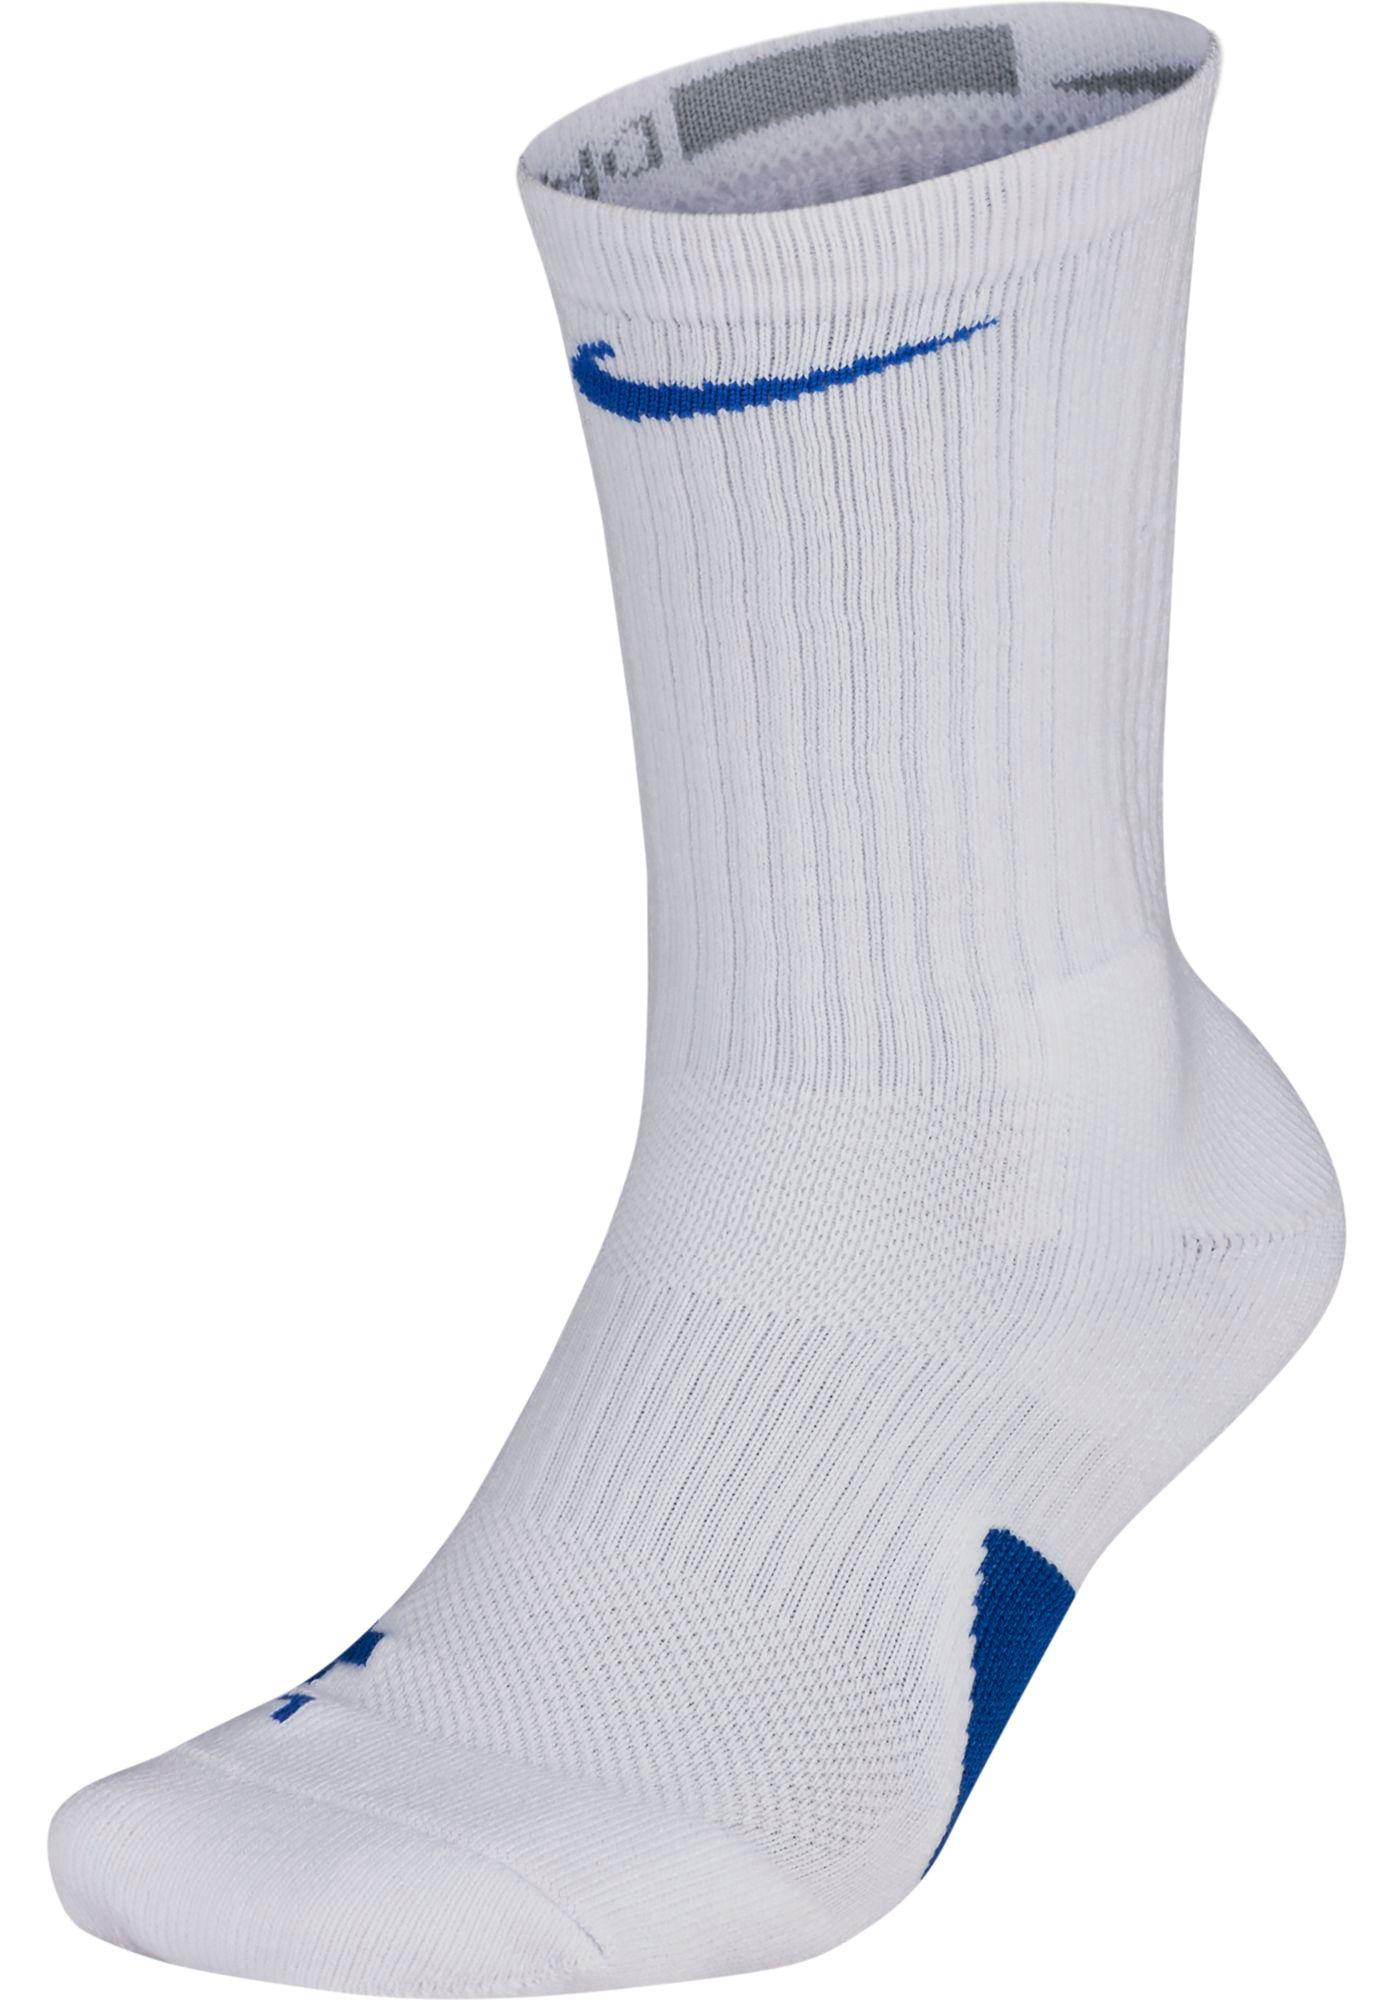 Nike Men's Elite Team Basketball Crew Socks